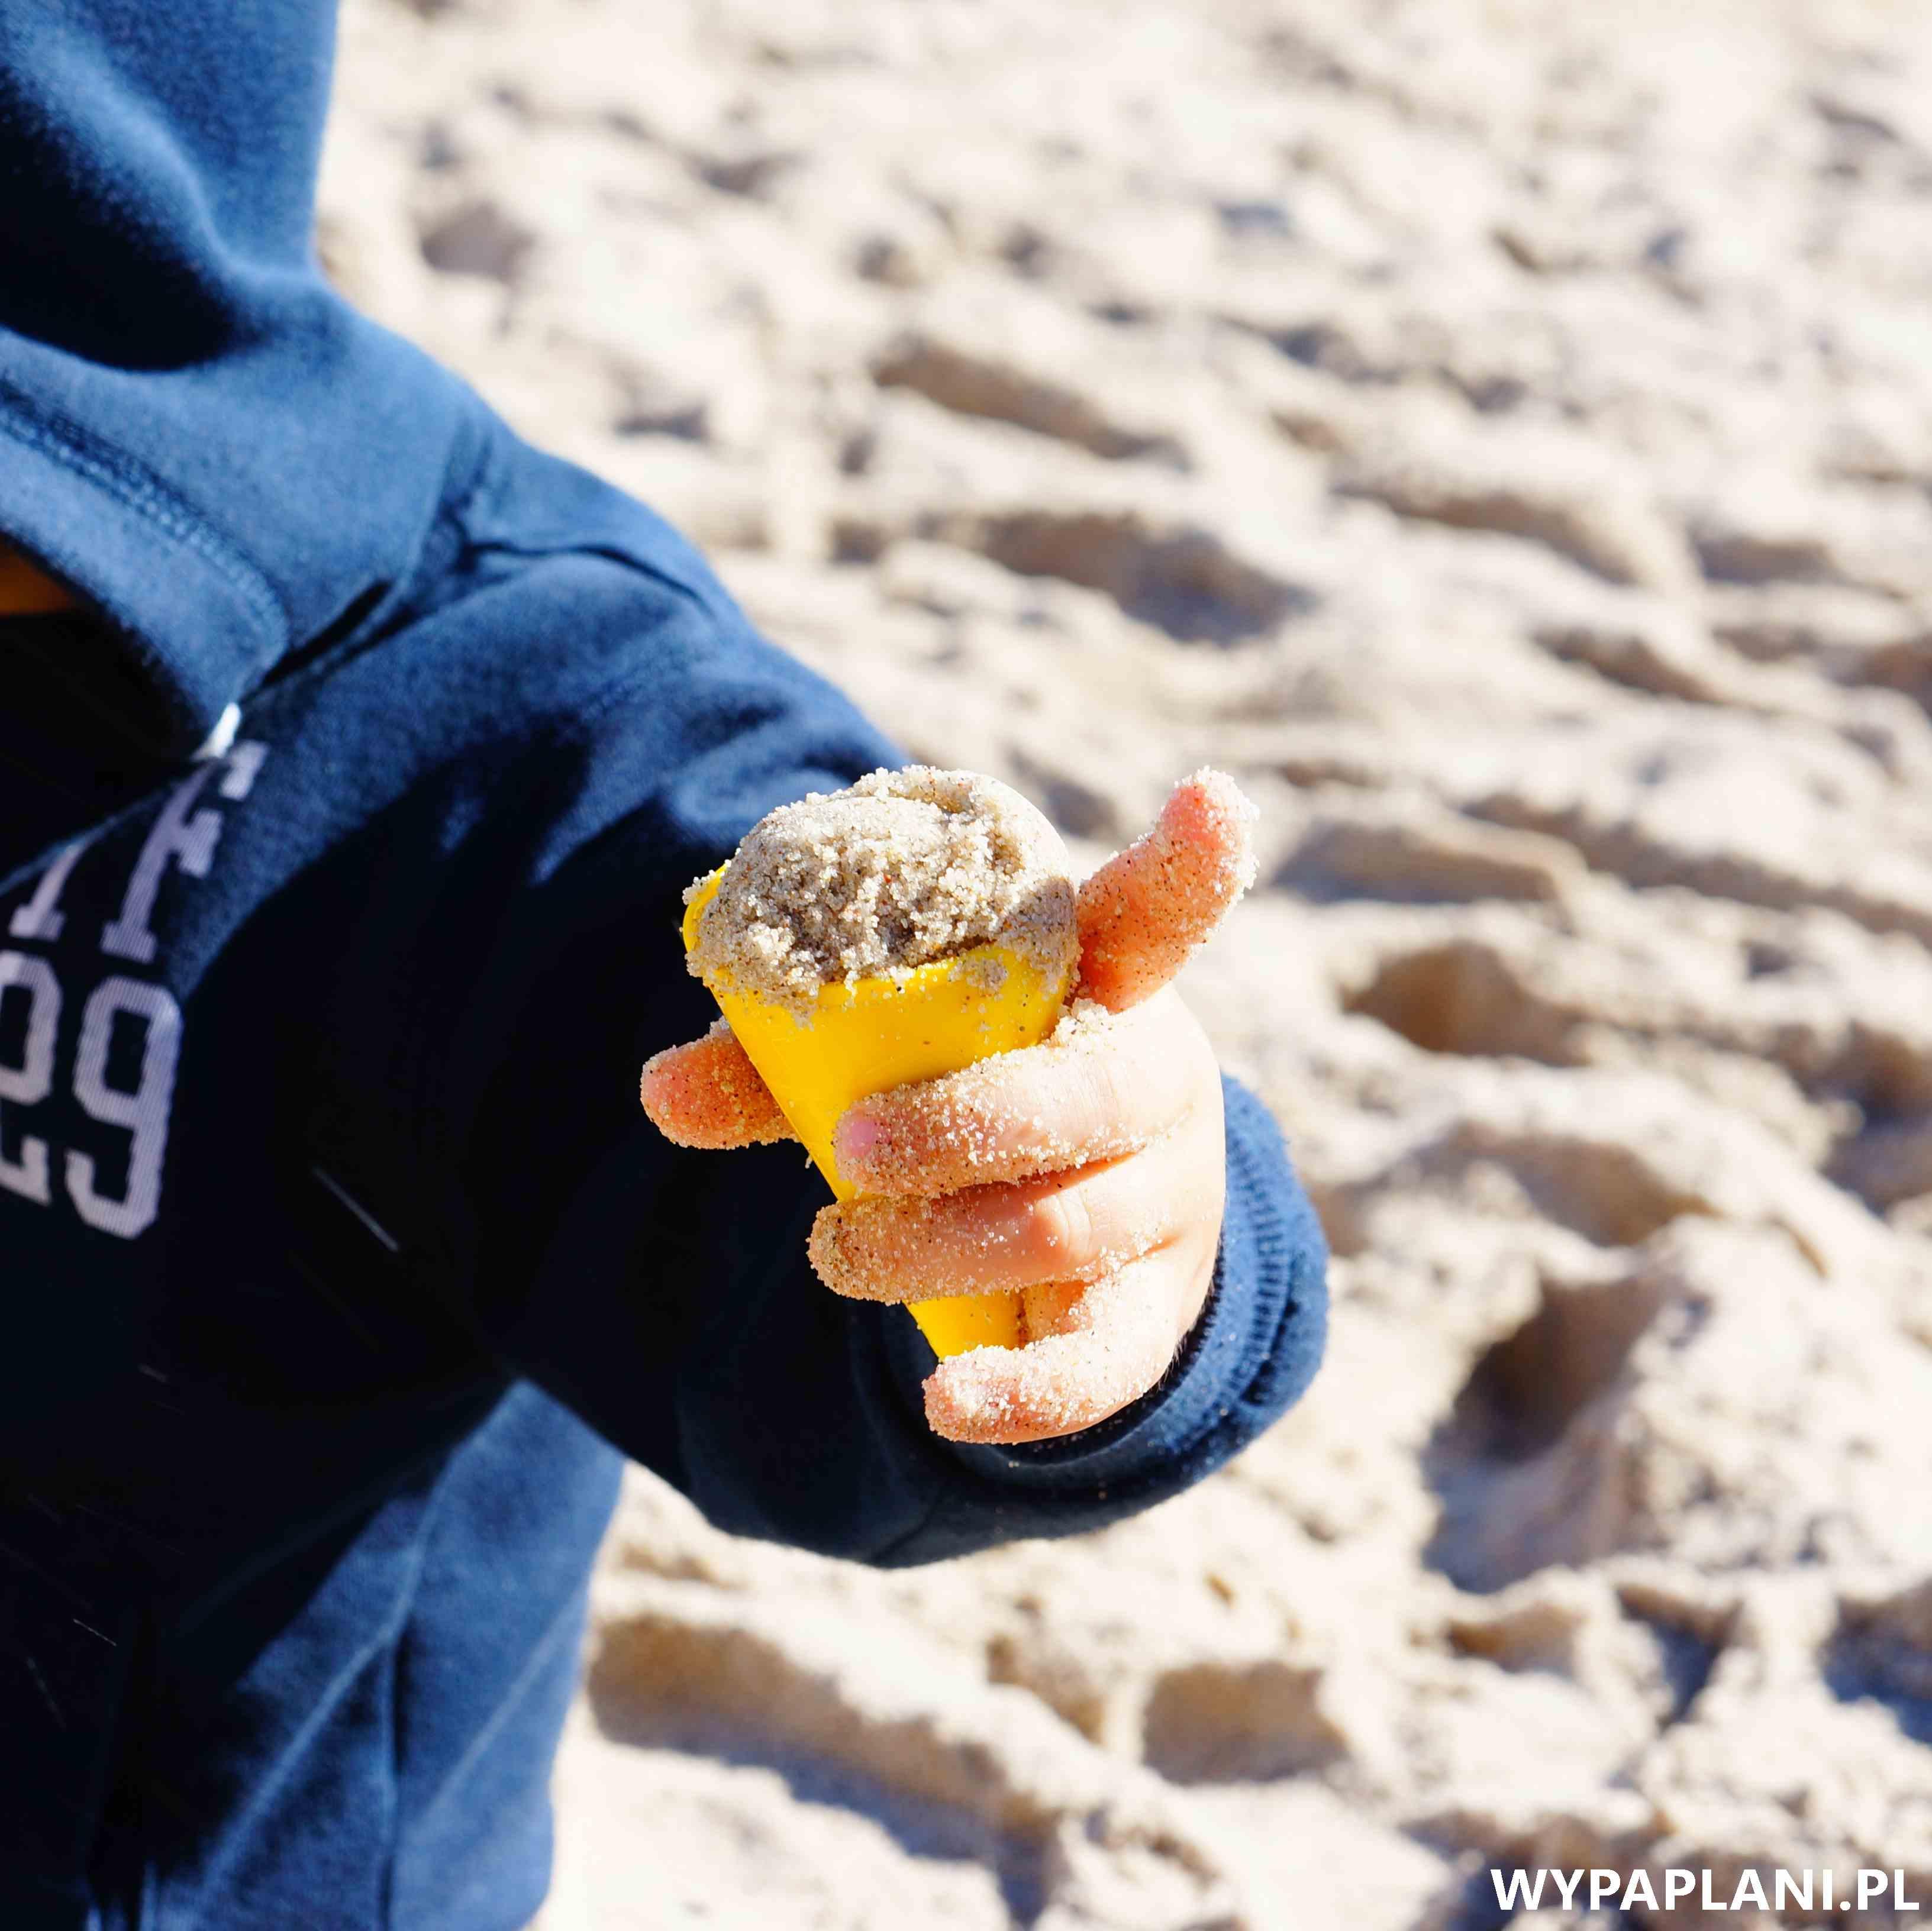 009_top zabawki do piasku piaskownicy na plażę